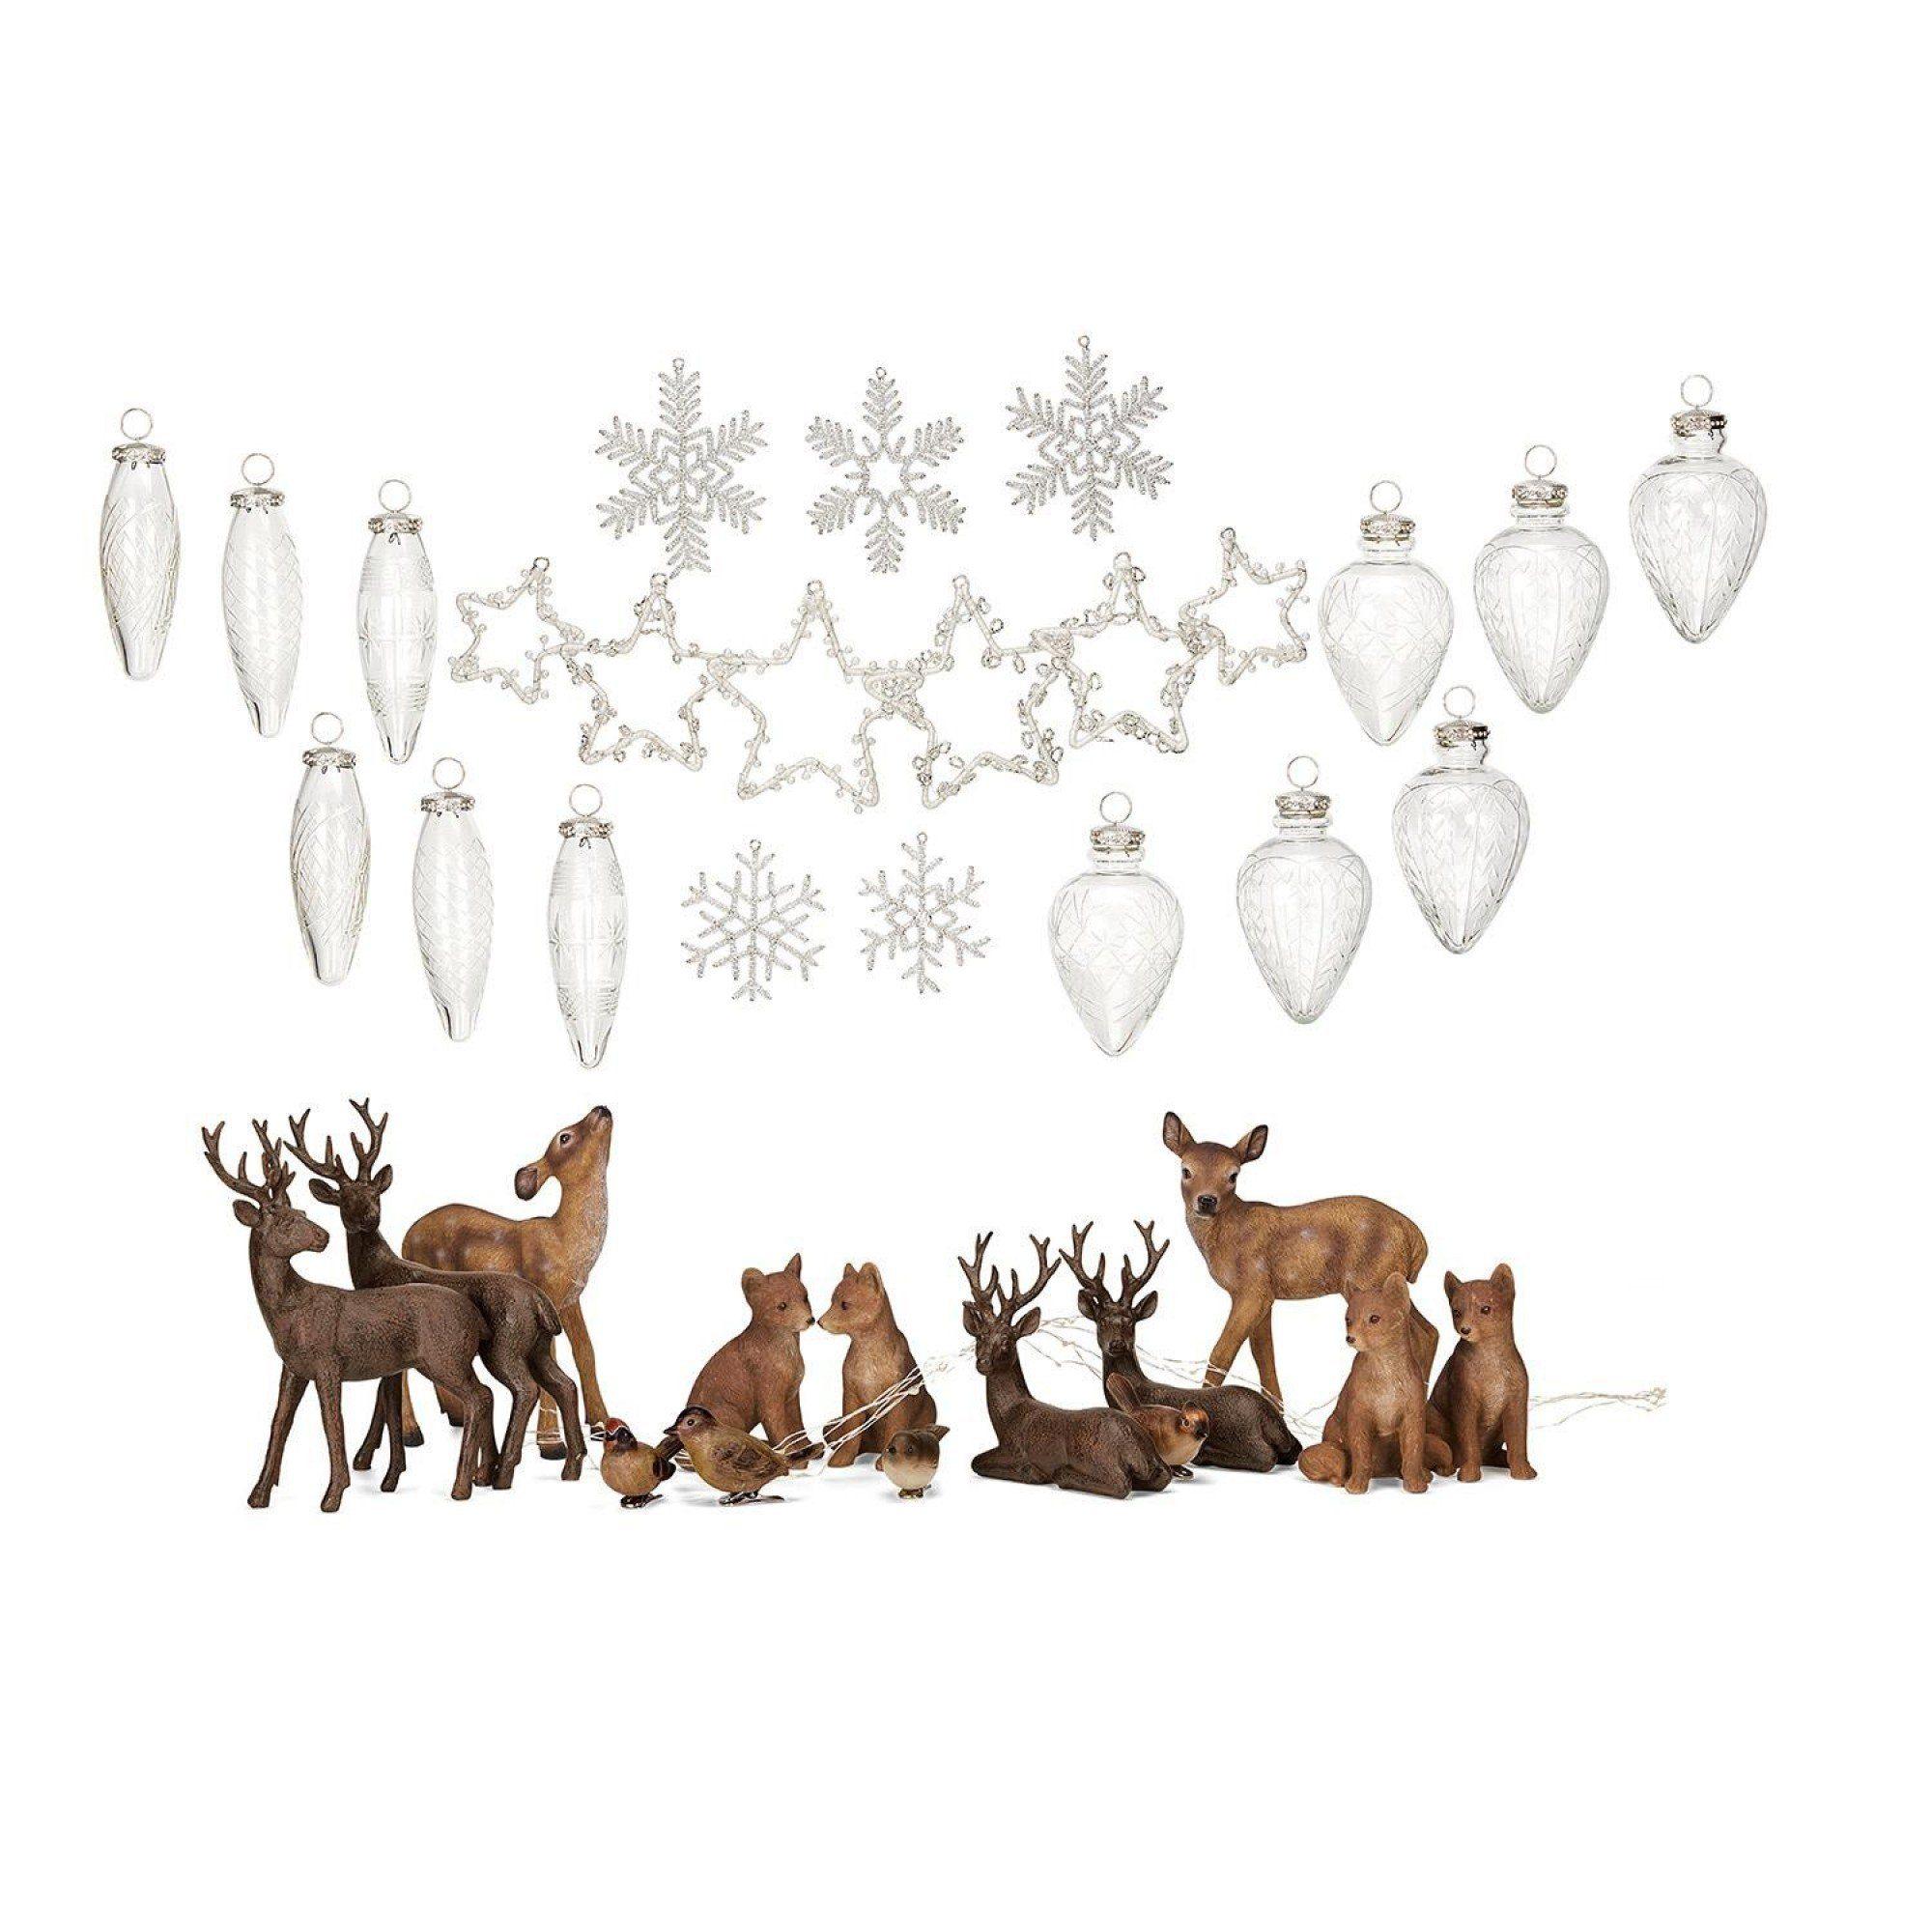 Loberon Weihnachtsschmuck-Set »Rouen«